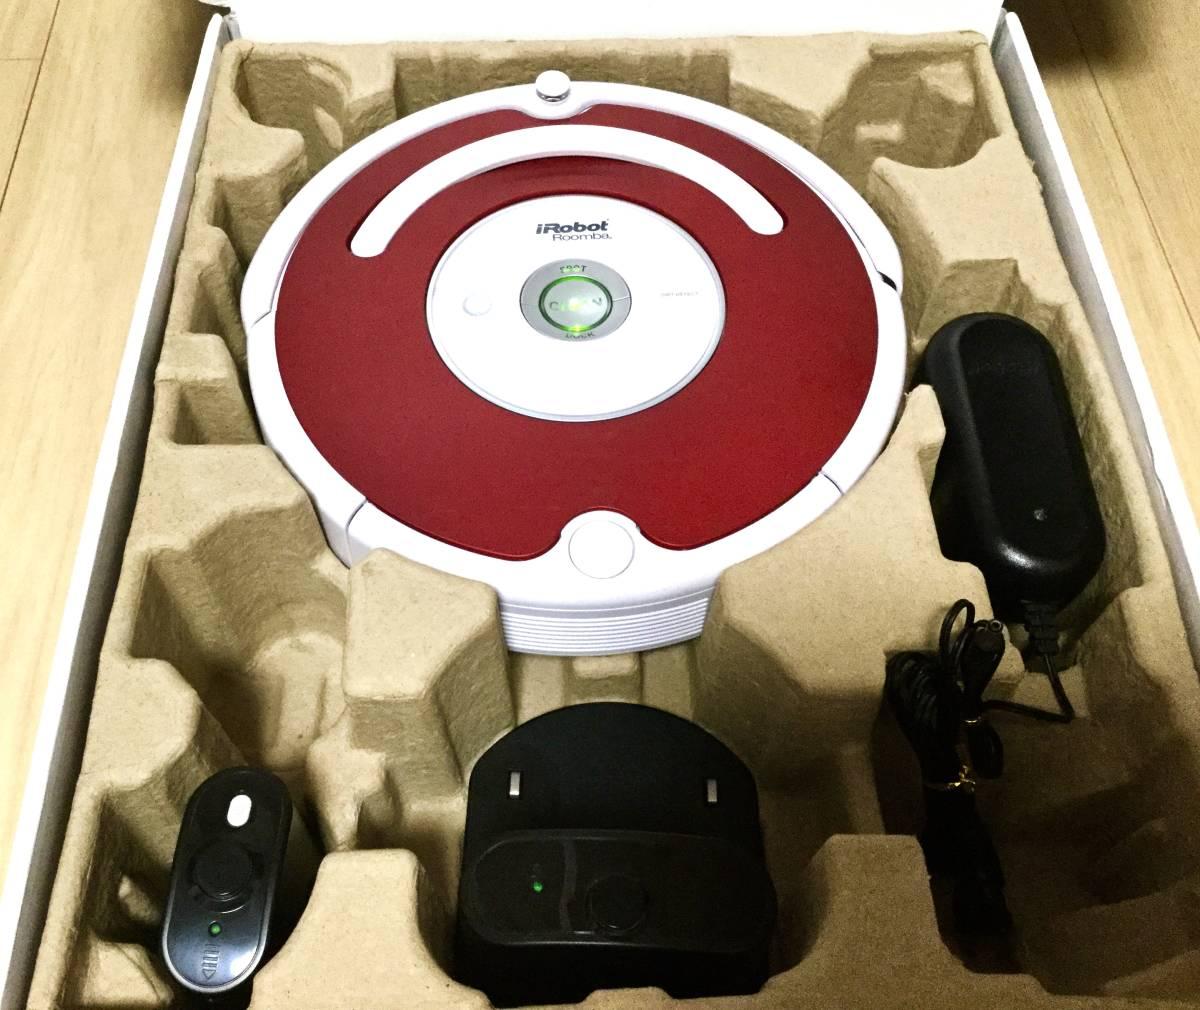 極美品! ルンバ ロボット掃除機 iRobot Roomba 538バッテリー新品! エッジブラシ新品! フィルター新品!_画像5